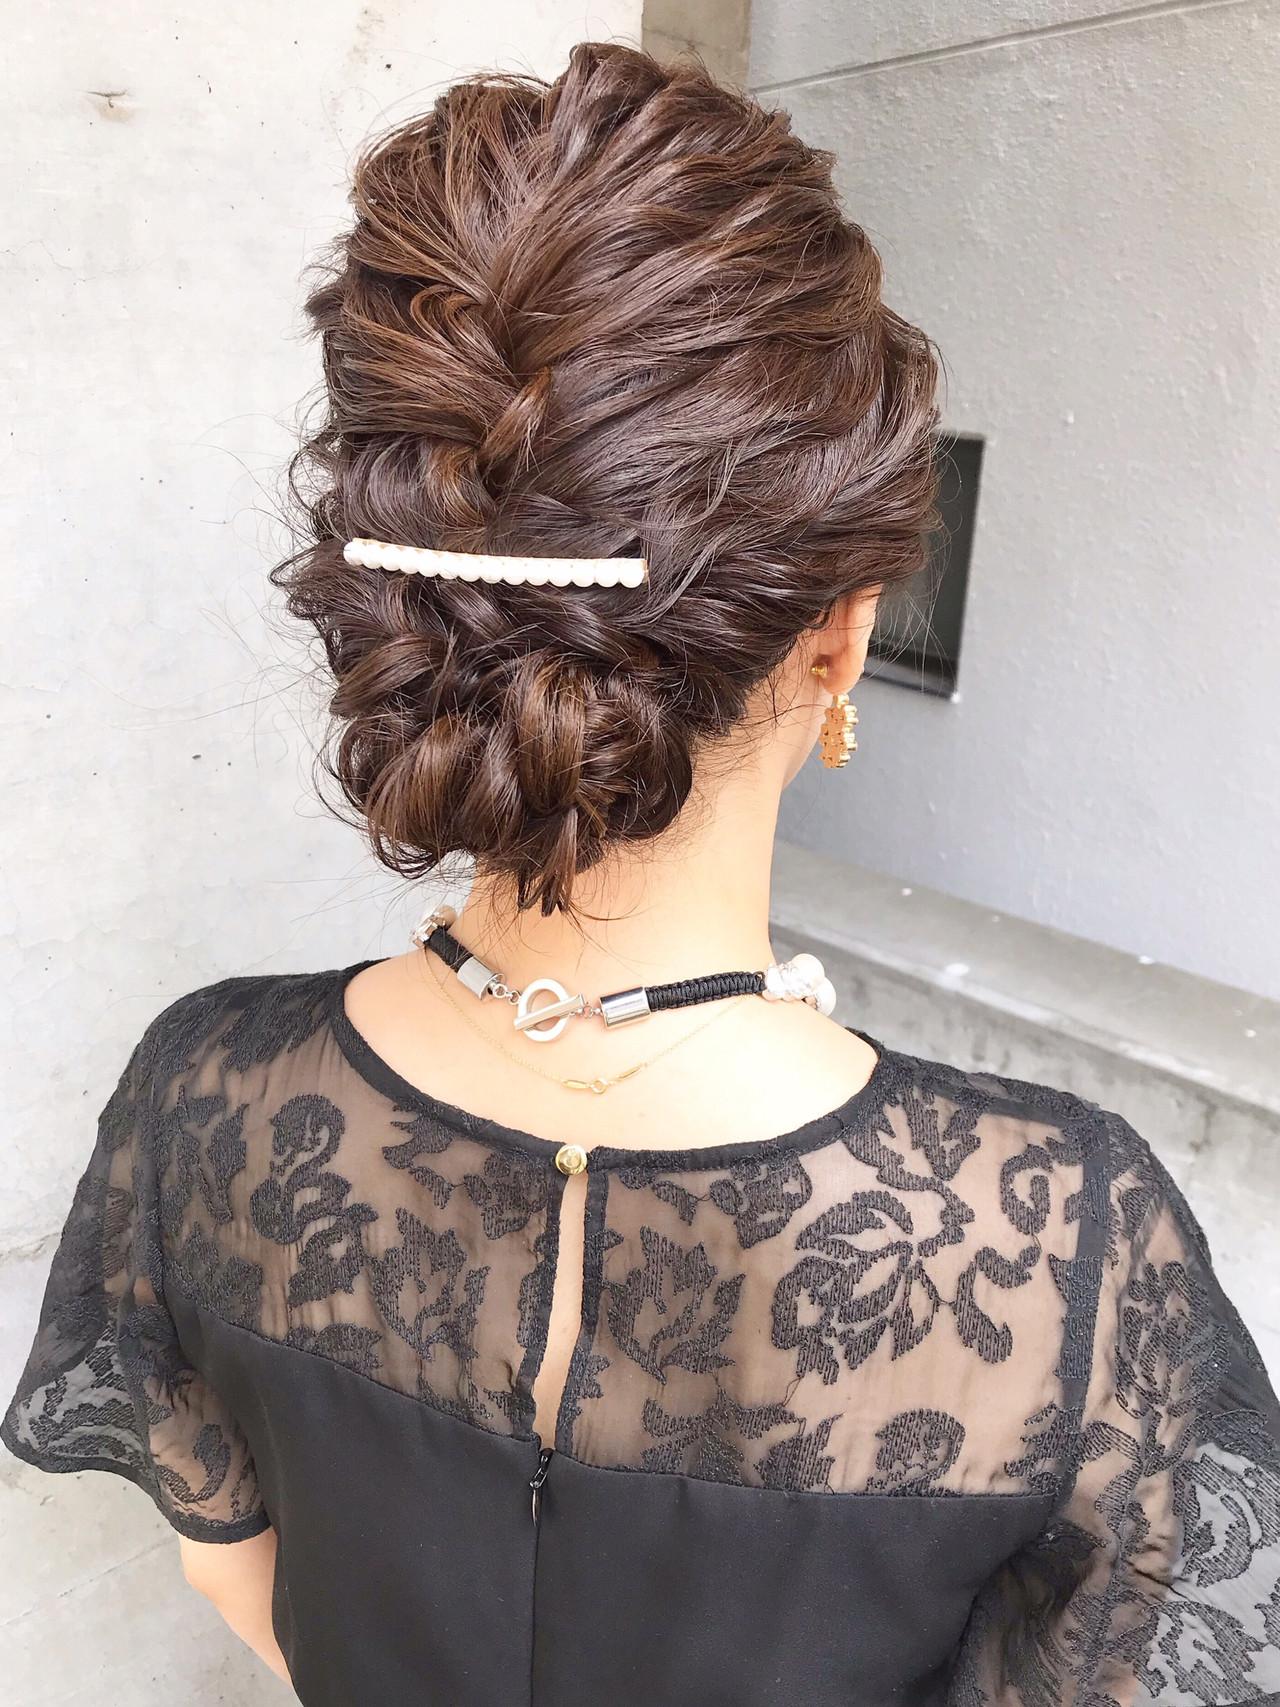 ナチュラル 結婚式ヘアアレンジ デート 結婚式髪型 ヘアスタイルや髪型の写真・画像